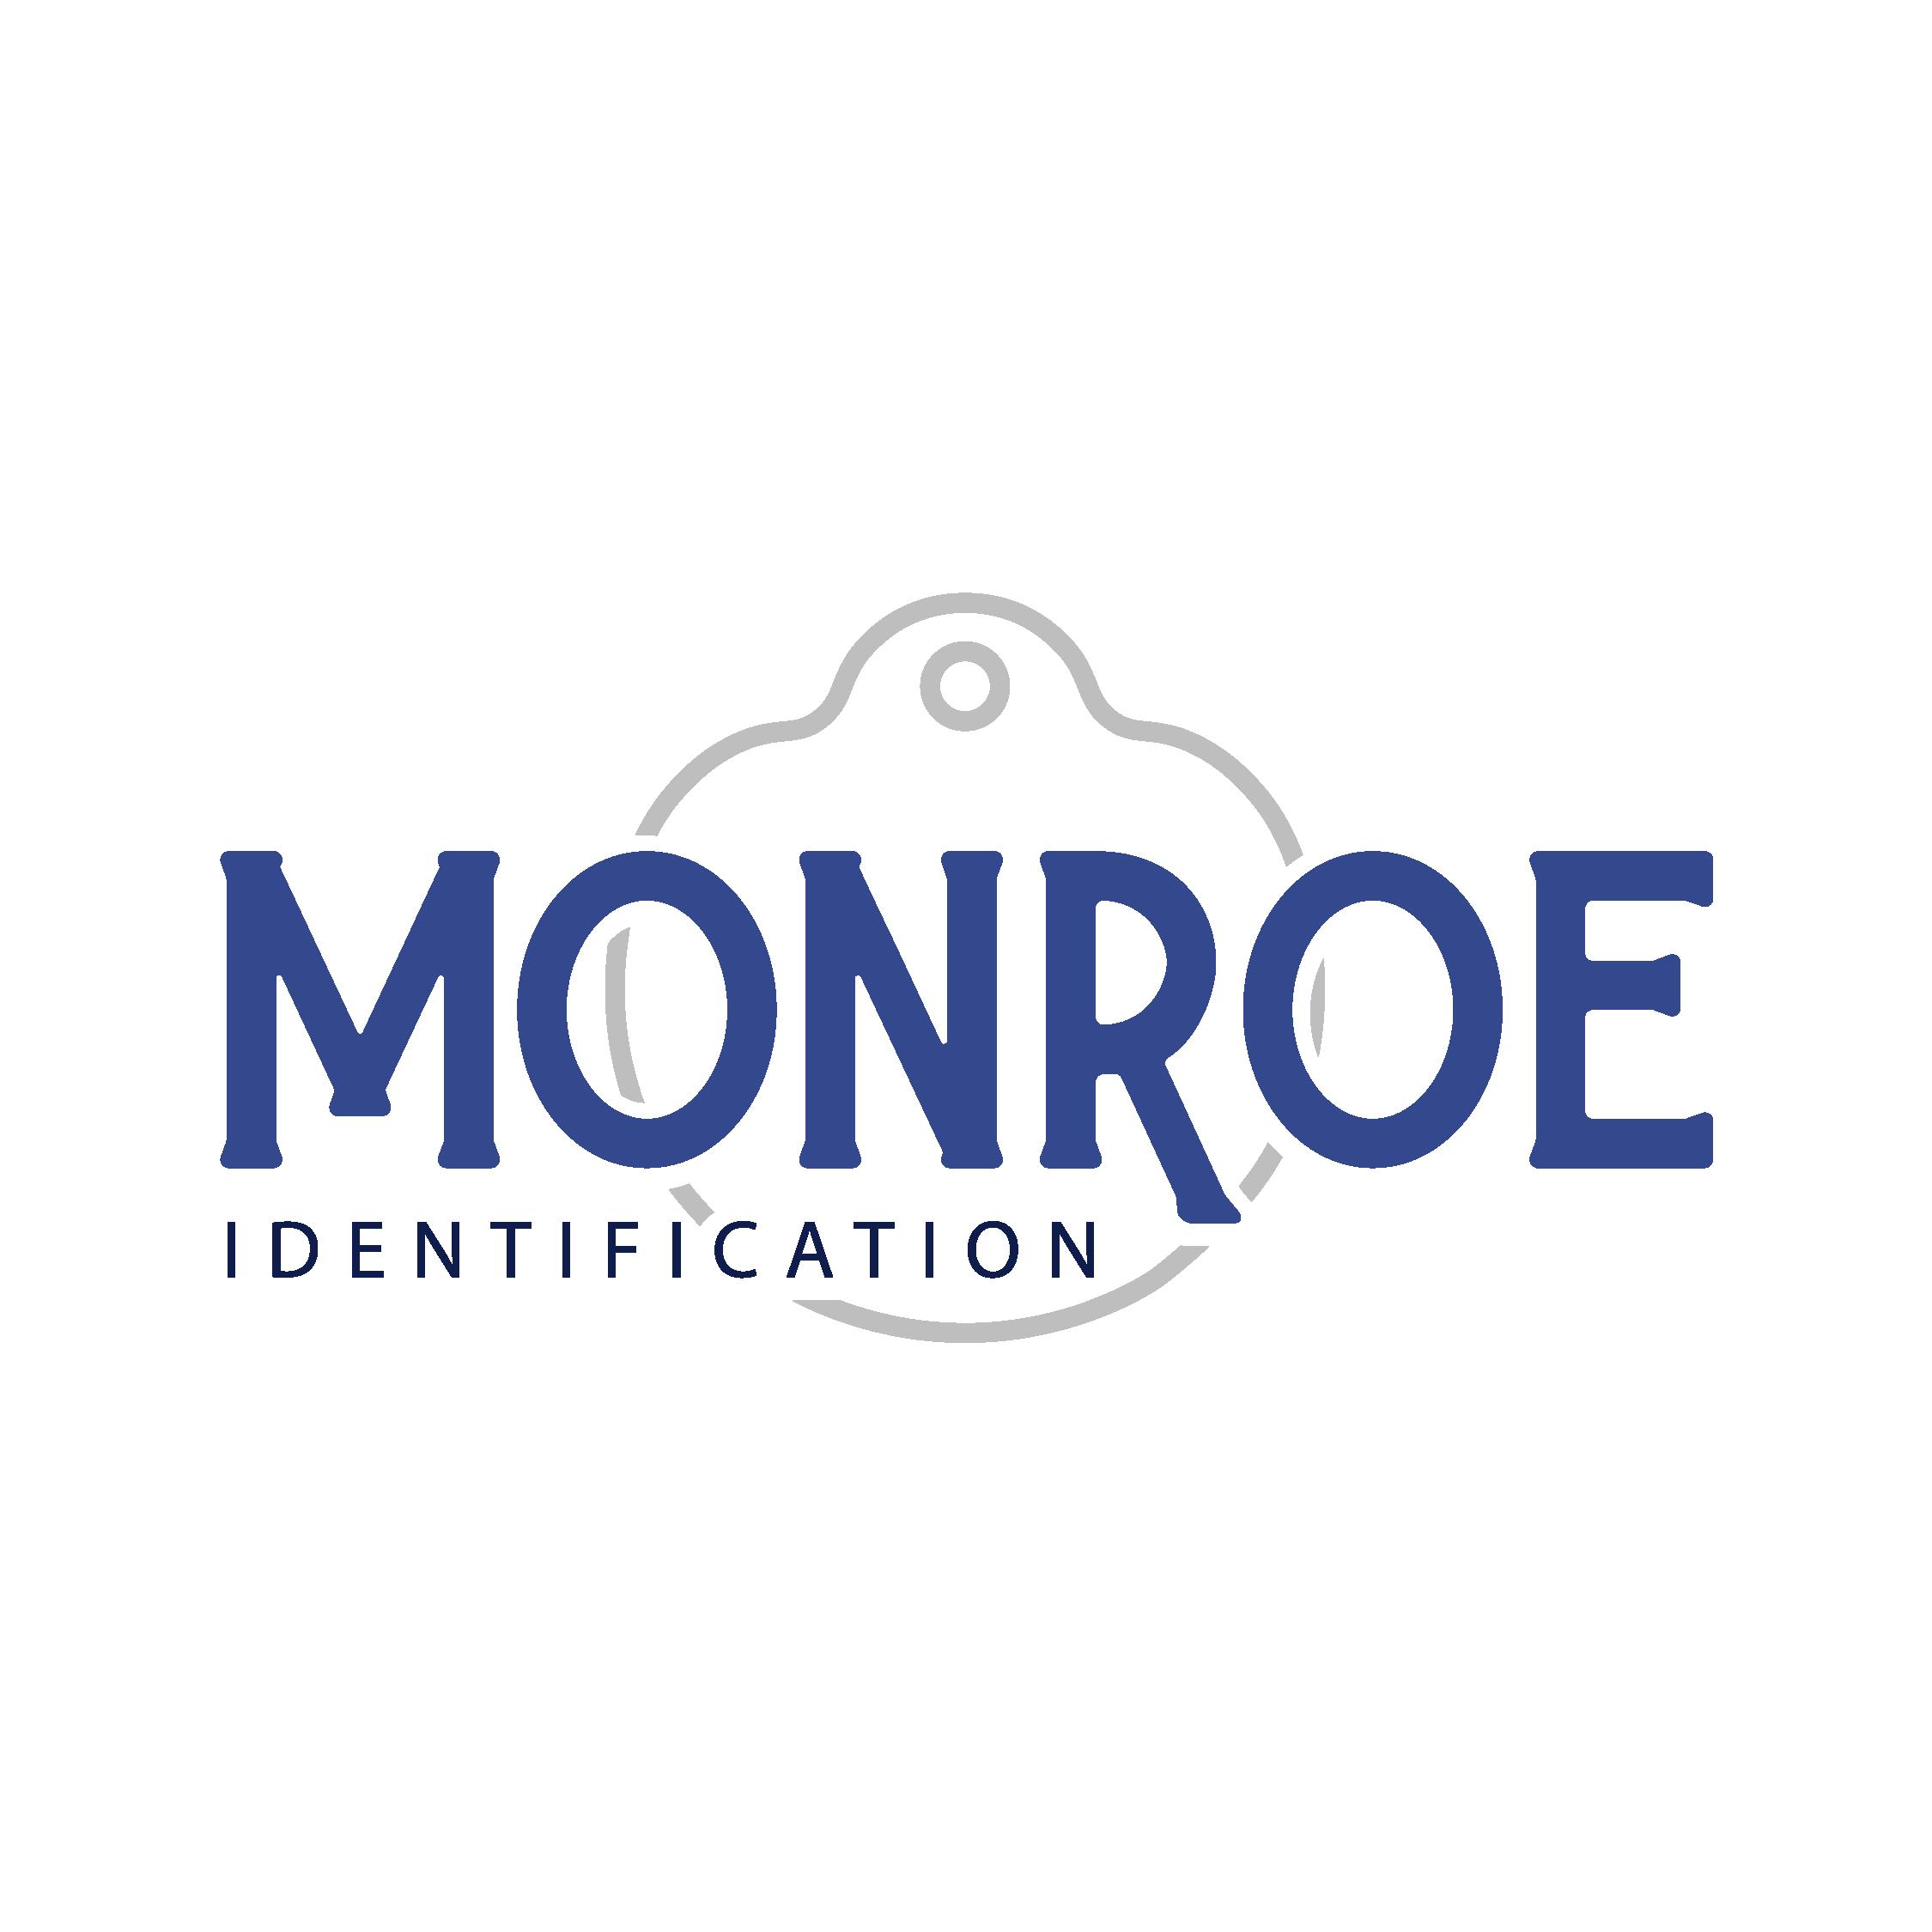 logo color transparent background